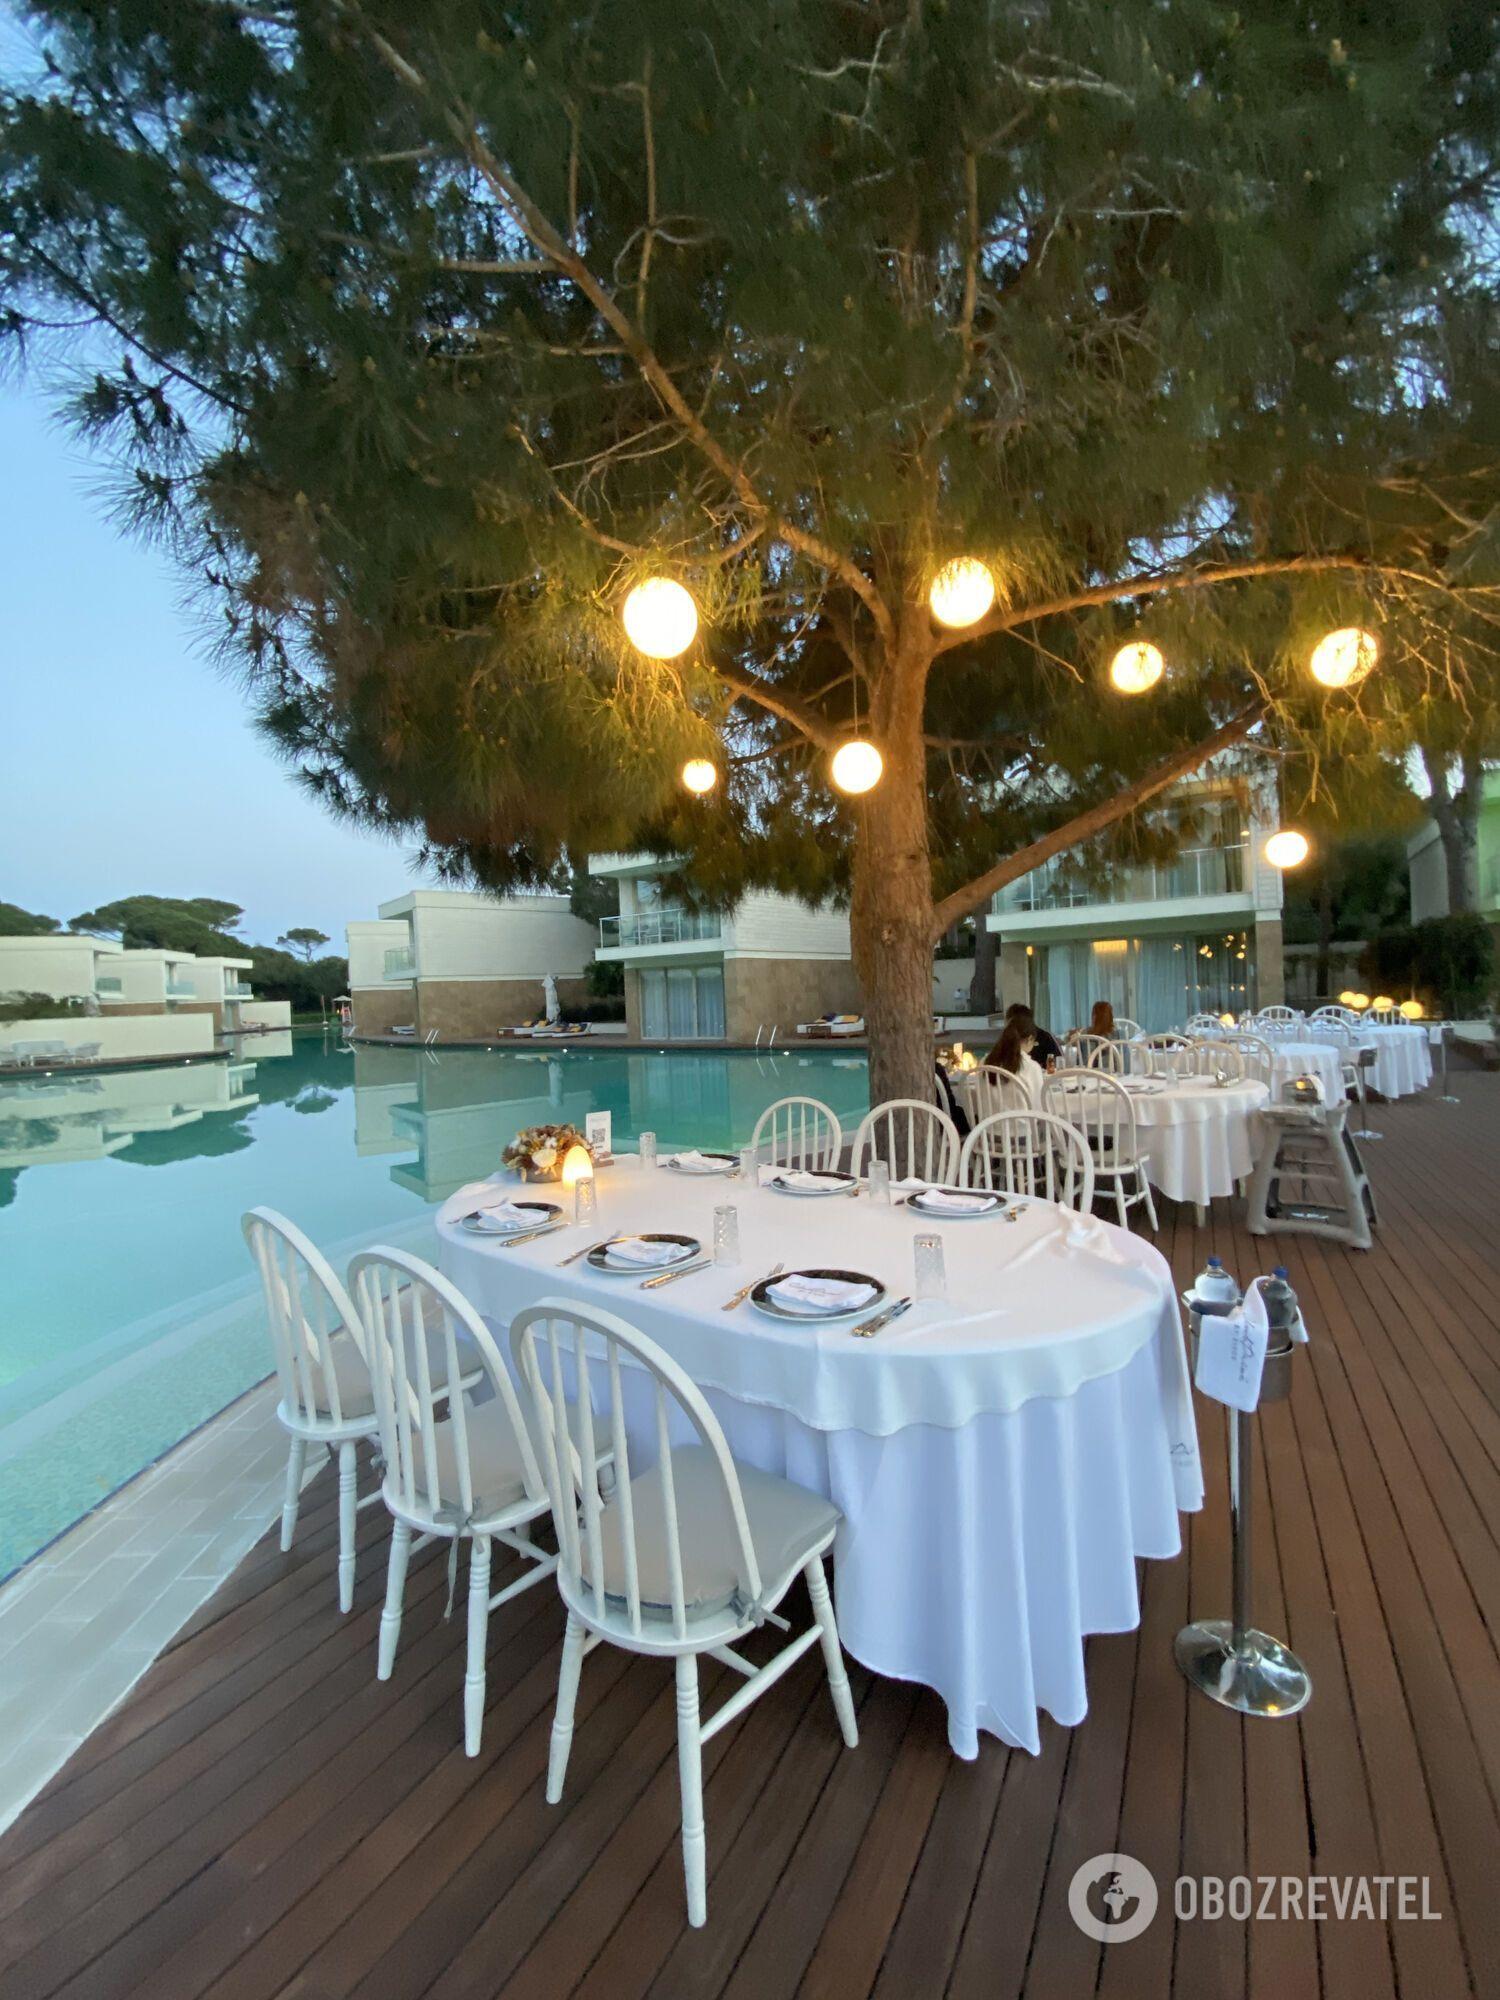 Ресторан Club House. Специализируется на органической кухне и морепродуктах.